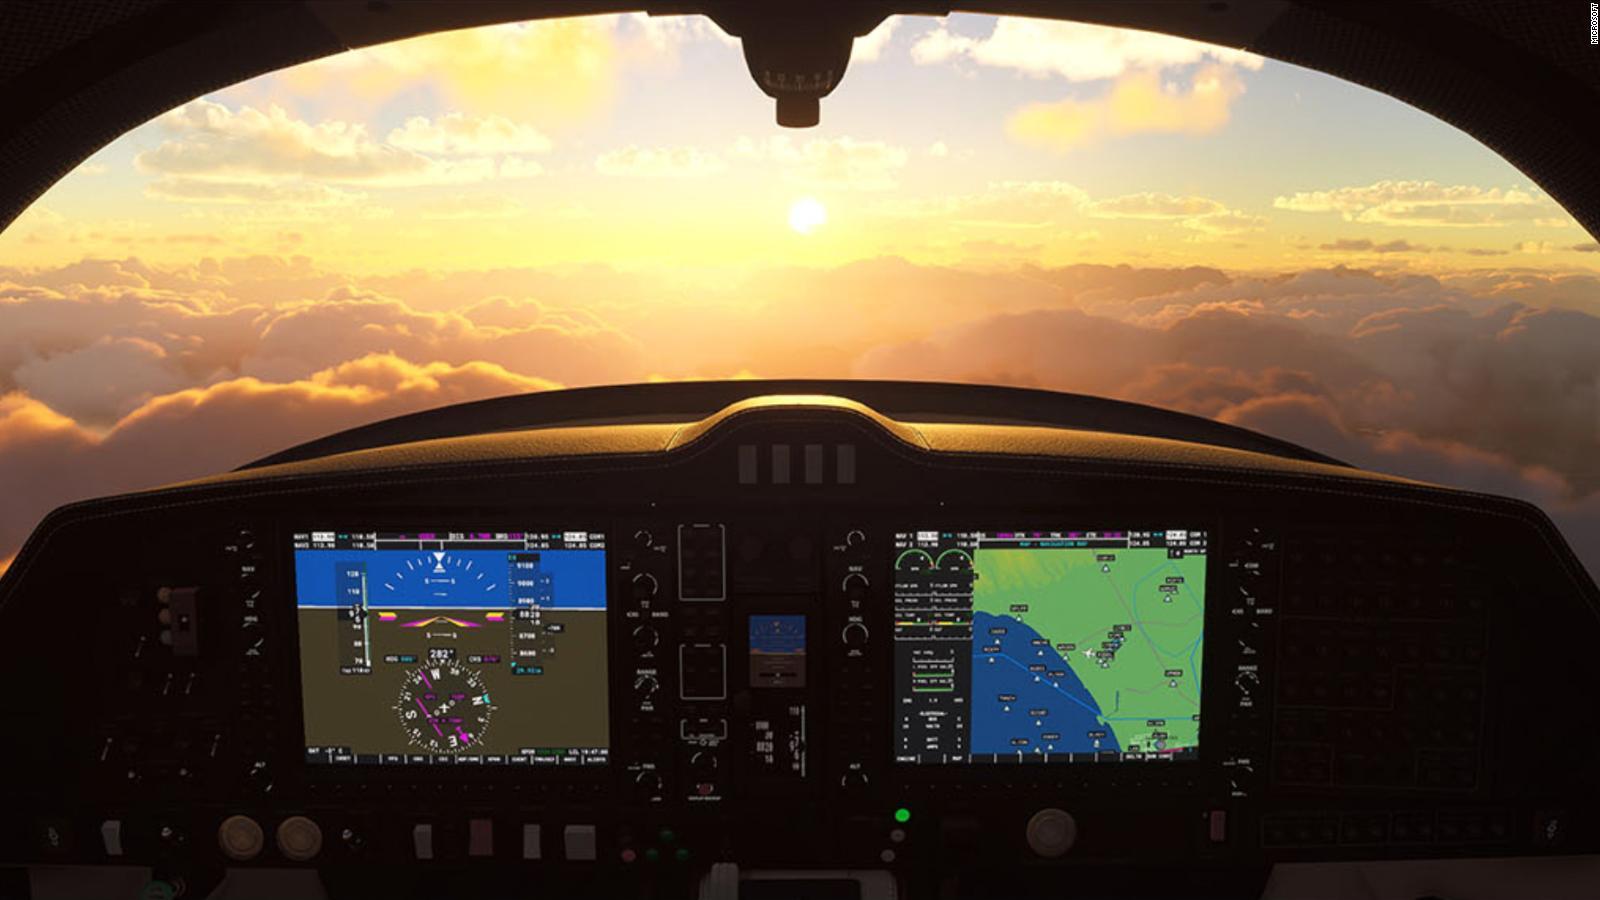 Microsoft Flight Simulator regresa después de 14 años con tráfico aéreo en tiempo real y un detallado mapa mundial   Video   CNN